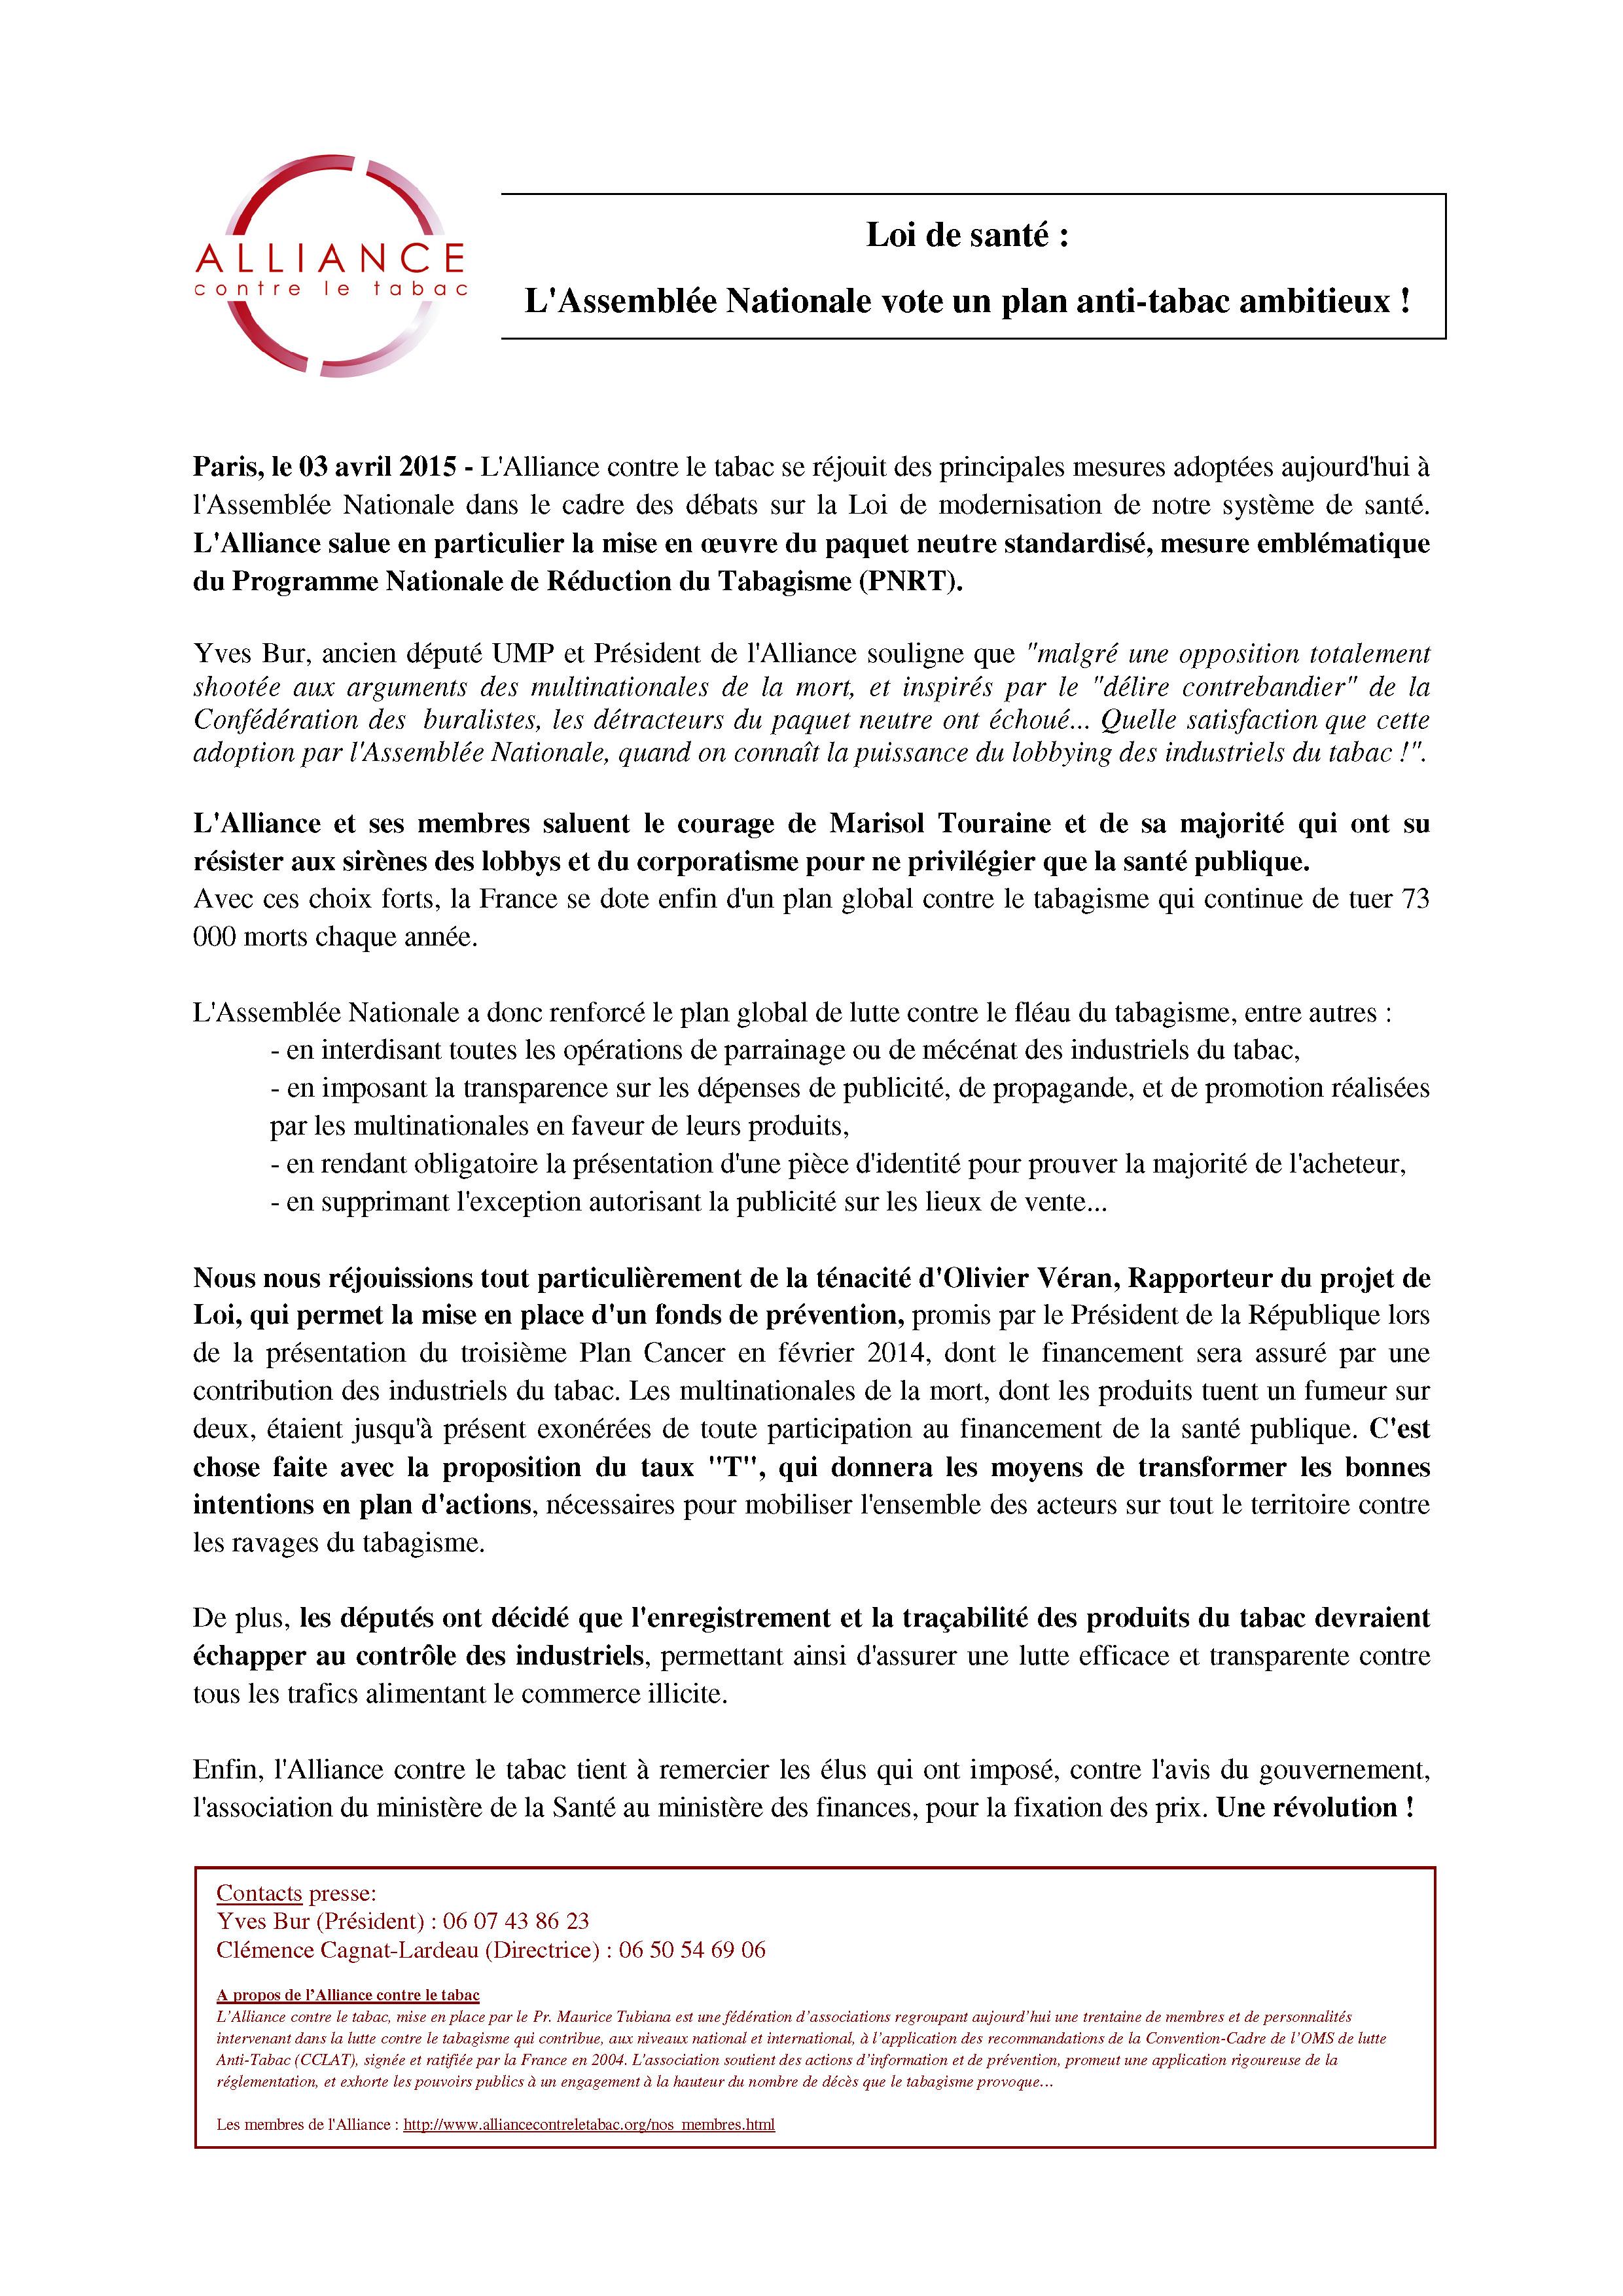 Alliance-CP_loi-de-sante-l-assemblee-nationale-vote-enfin-un-plan-anti-tabac-ambitieux-3avril2015.jpg